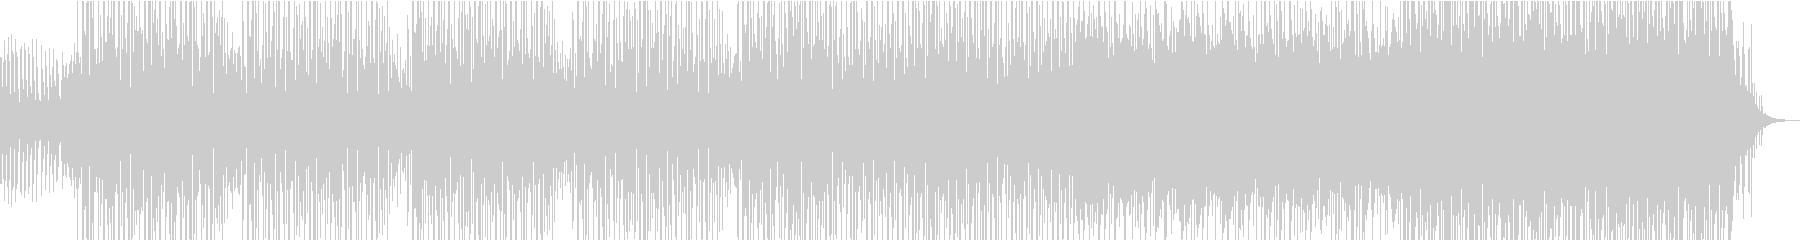 スタイリッシュなハウスミュージックの未再生の波形